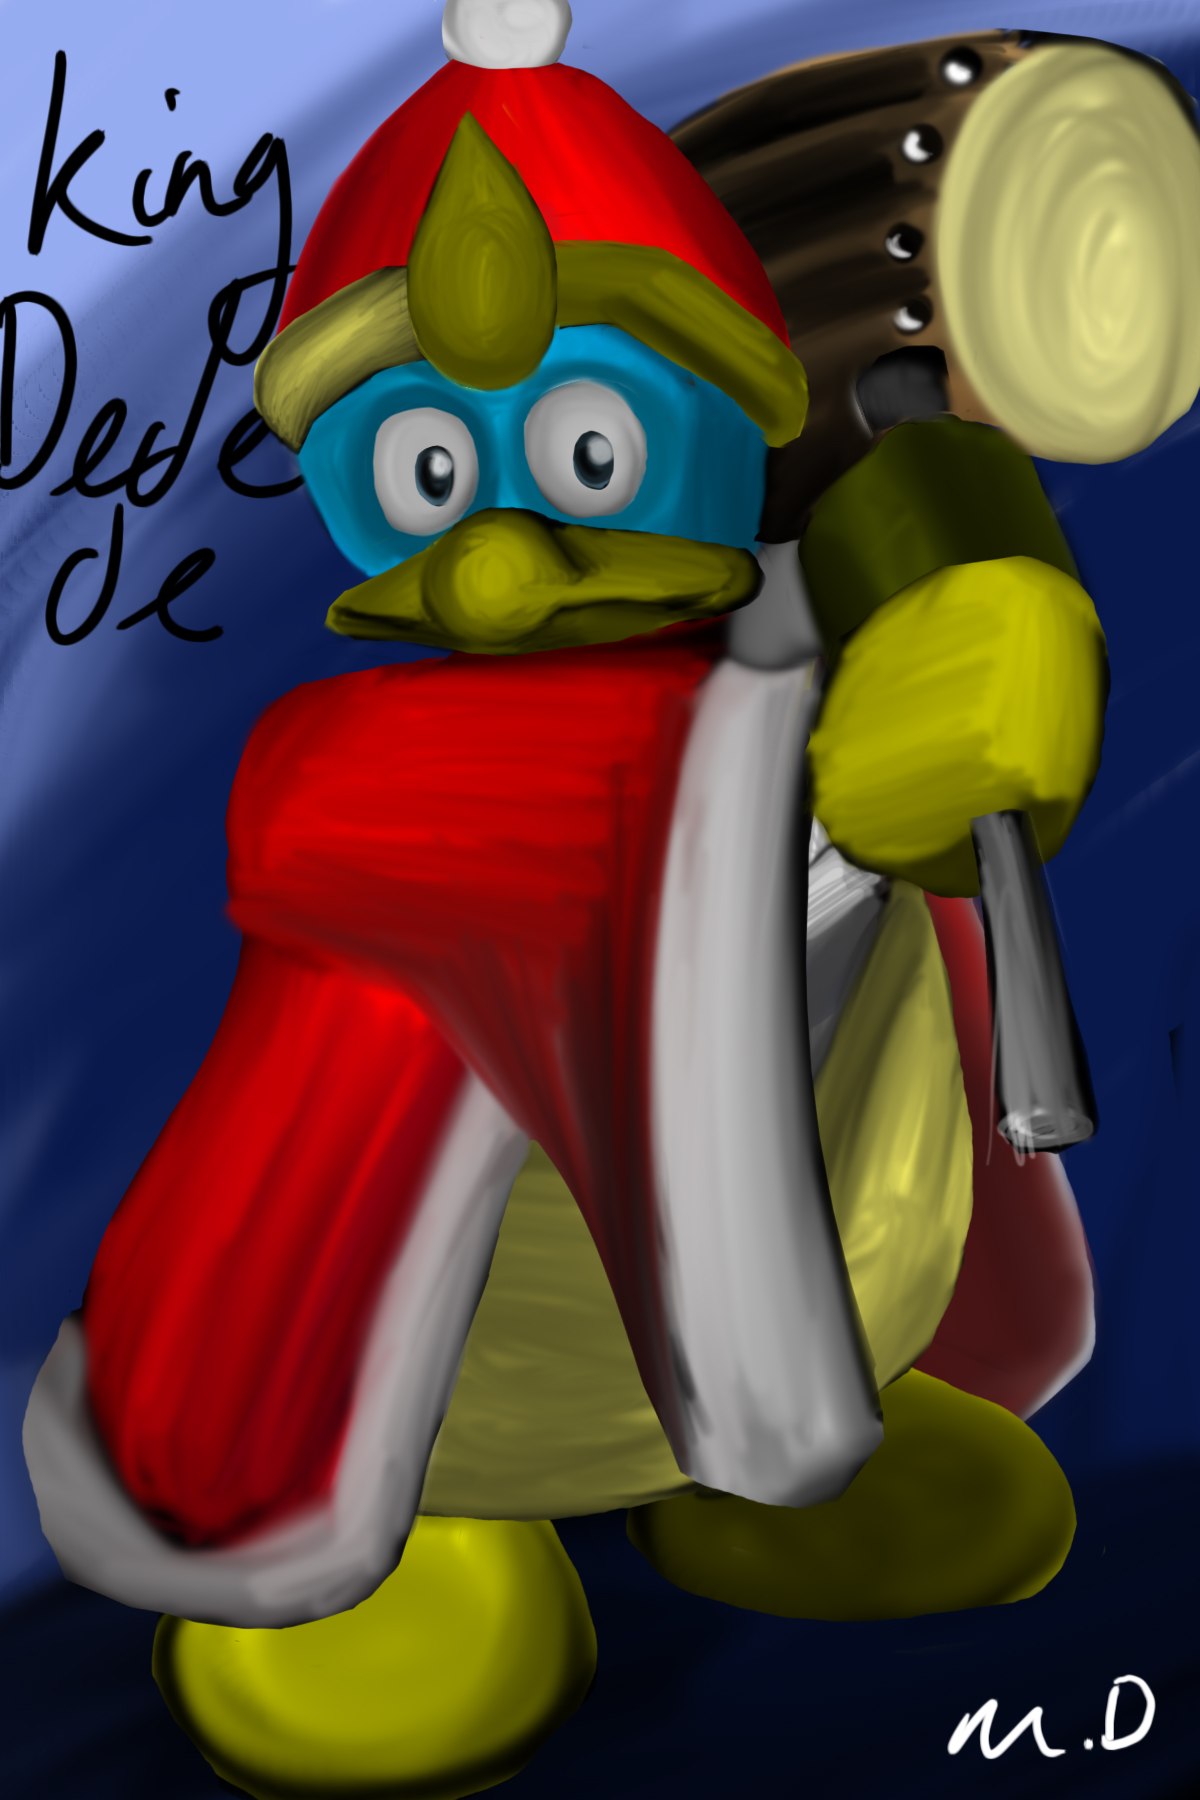 King Dedede :D